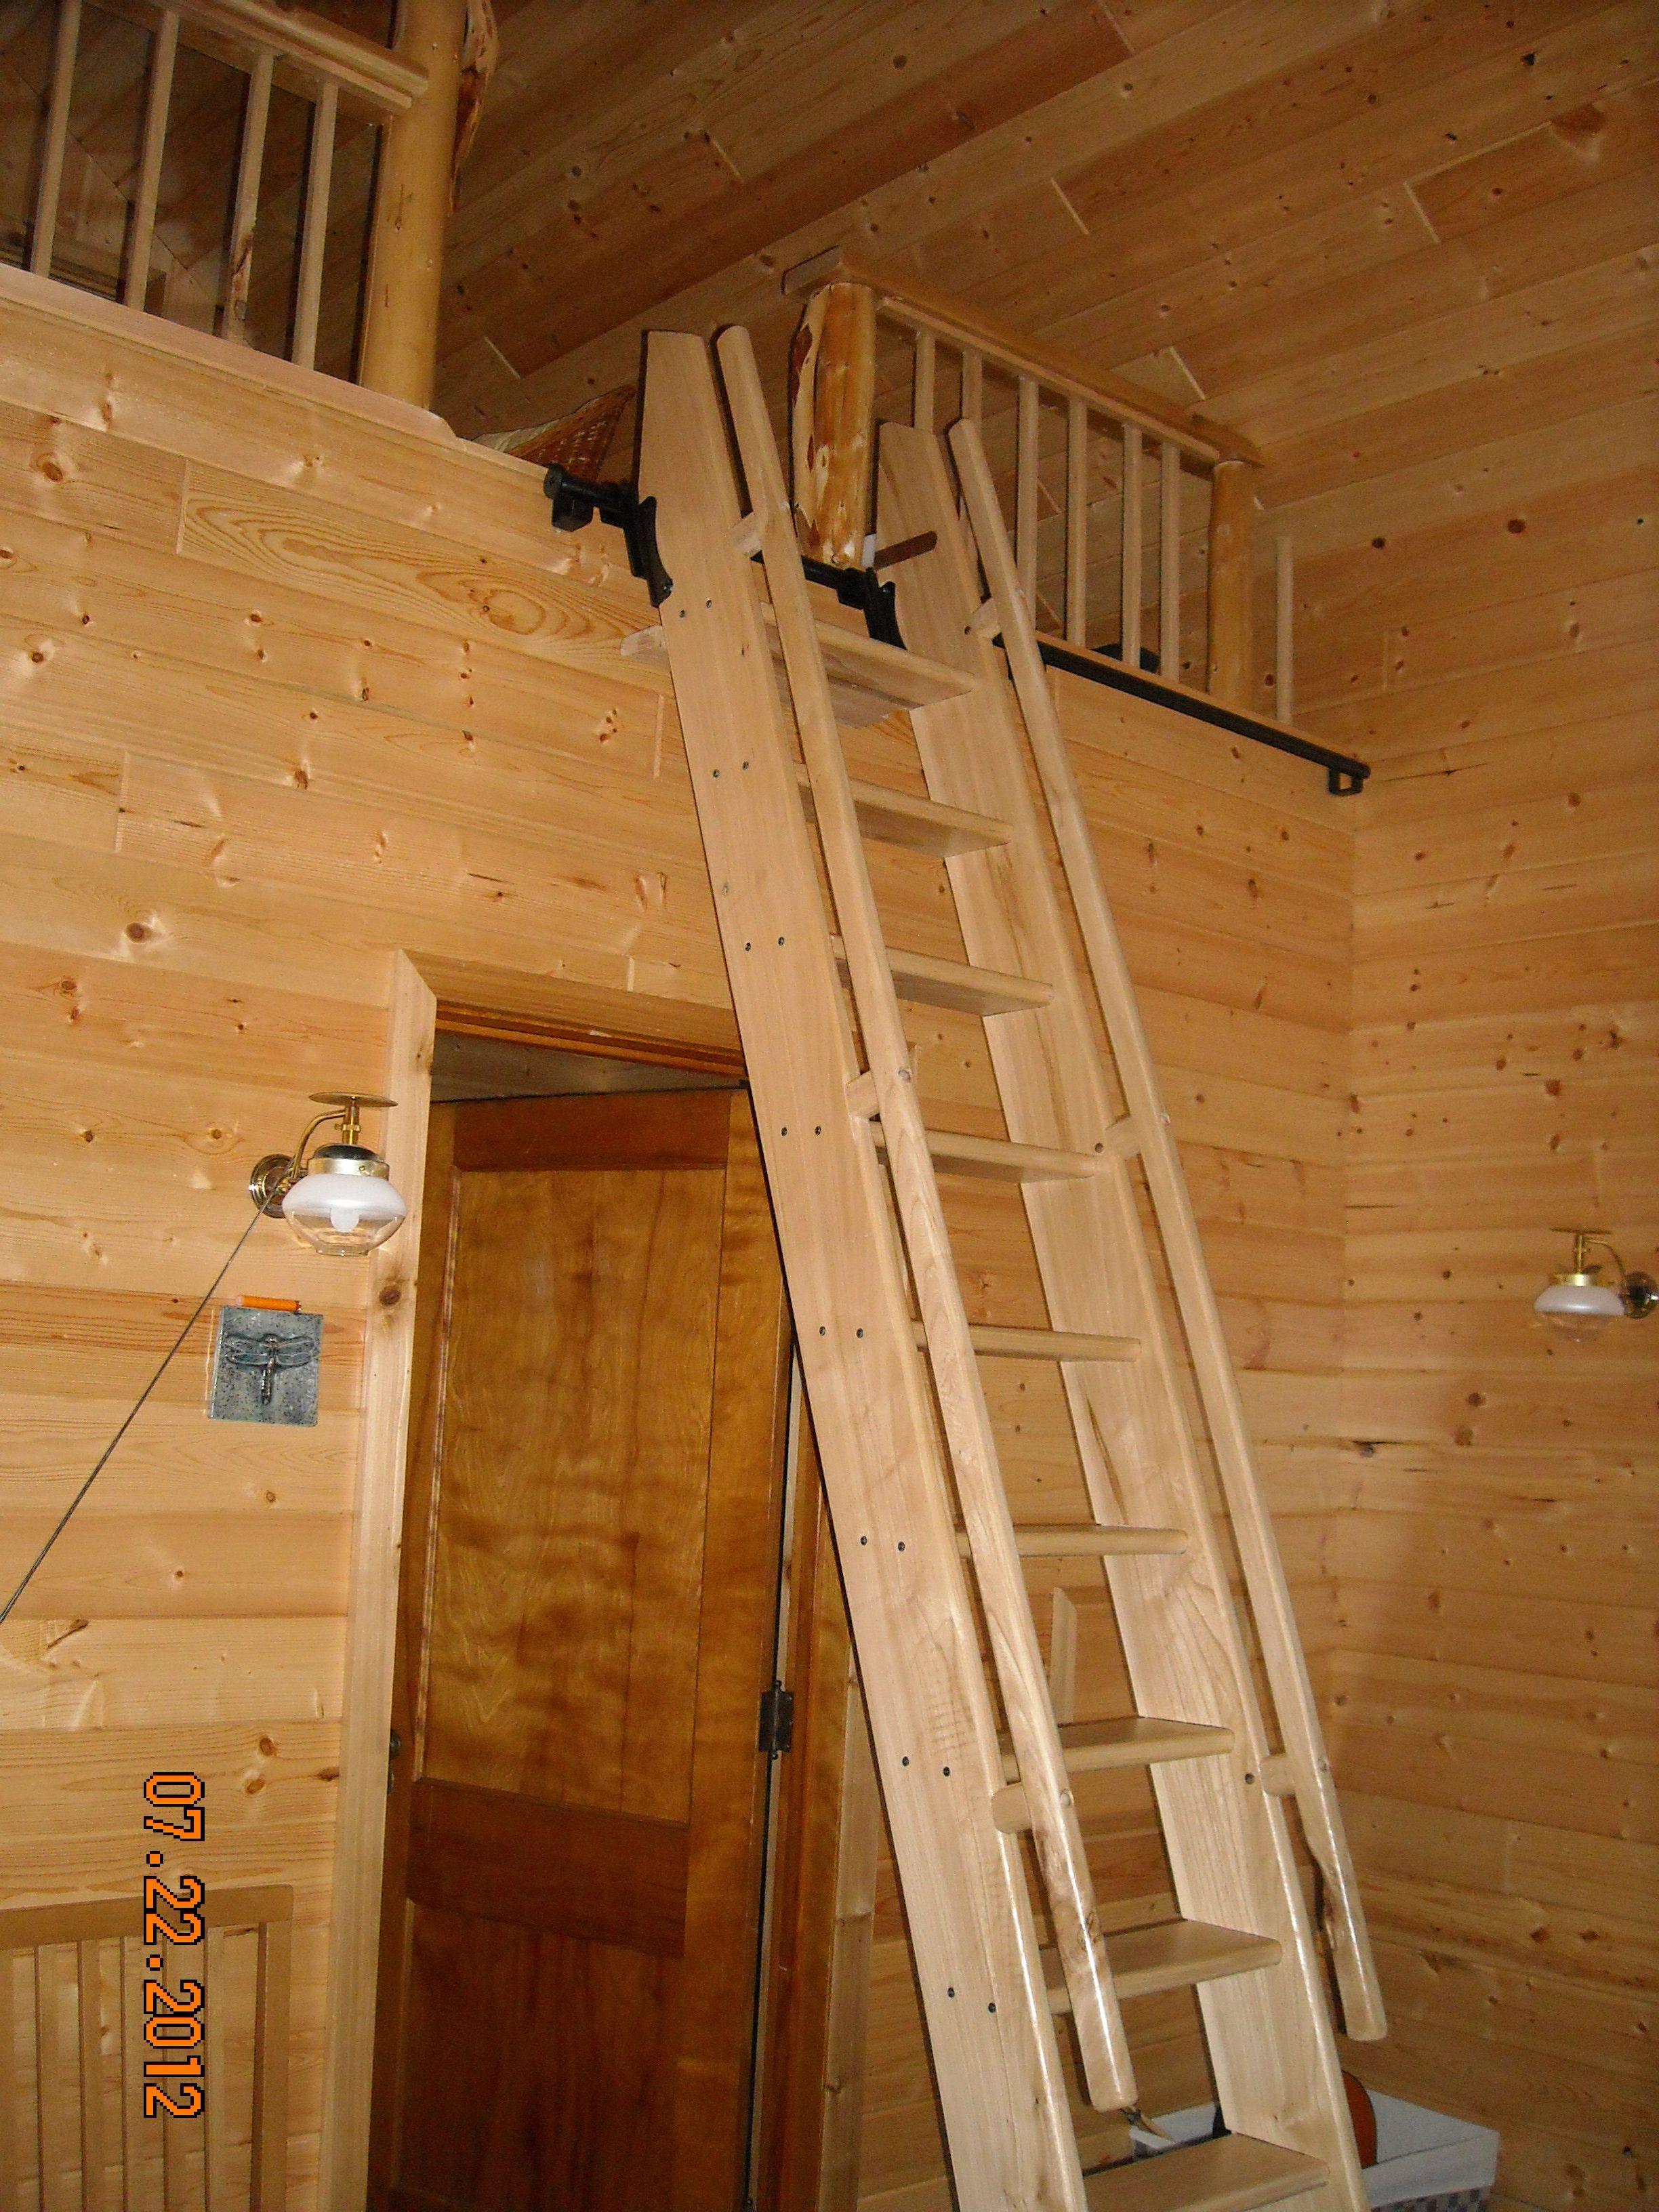 Elm Ship S Style Ladder With Rockler Hardware For Loft